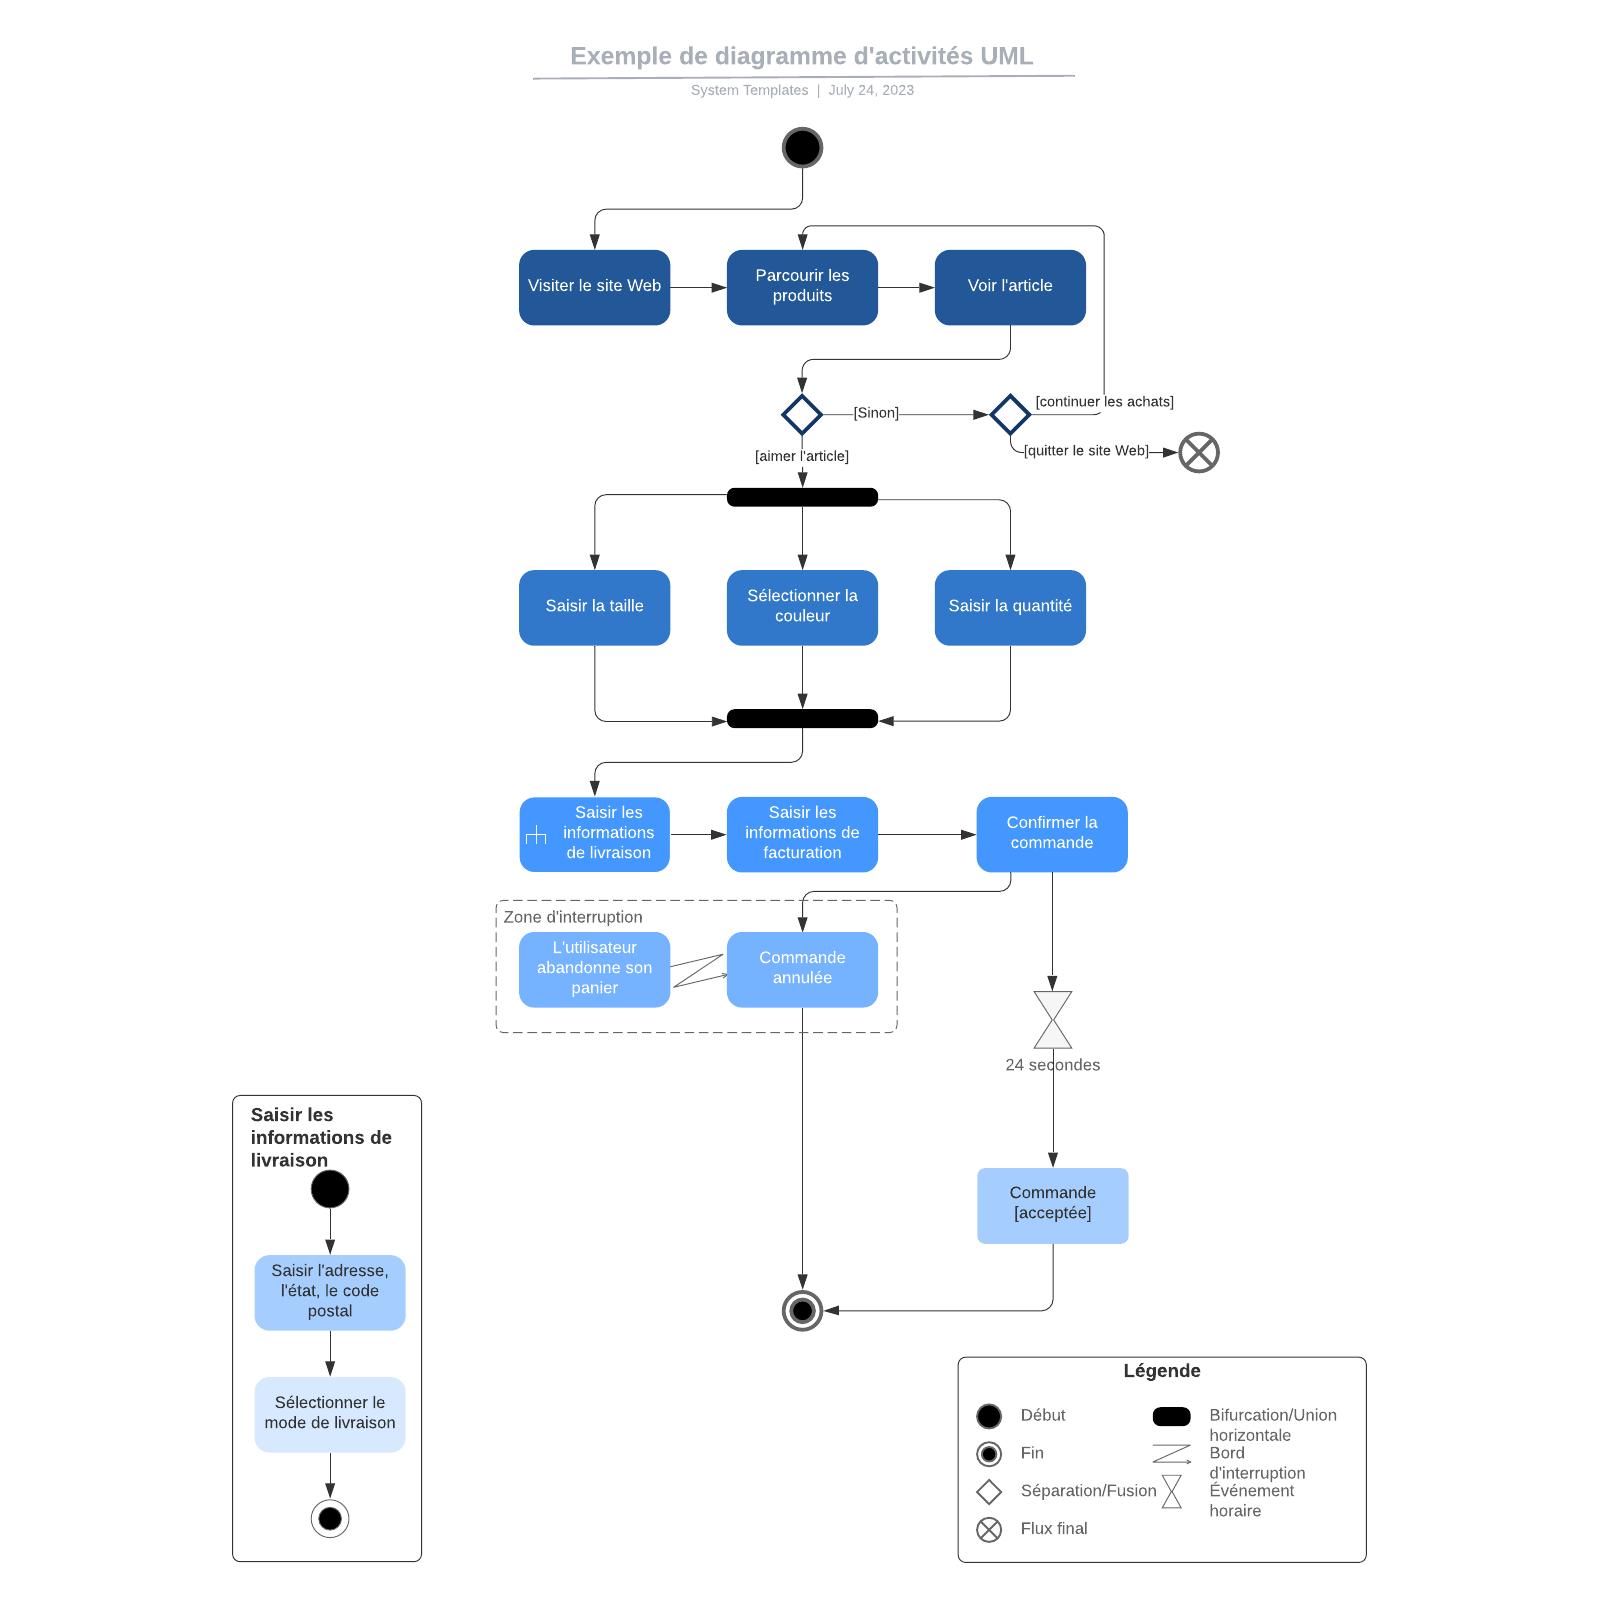 exemple de diagramme d'activités UML d'e-commerce